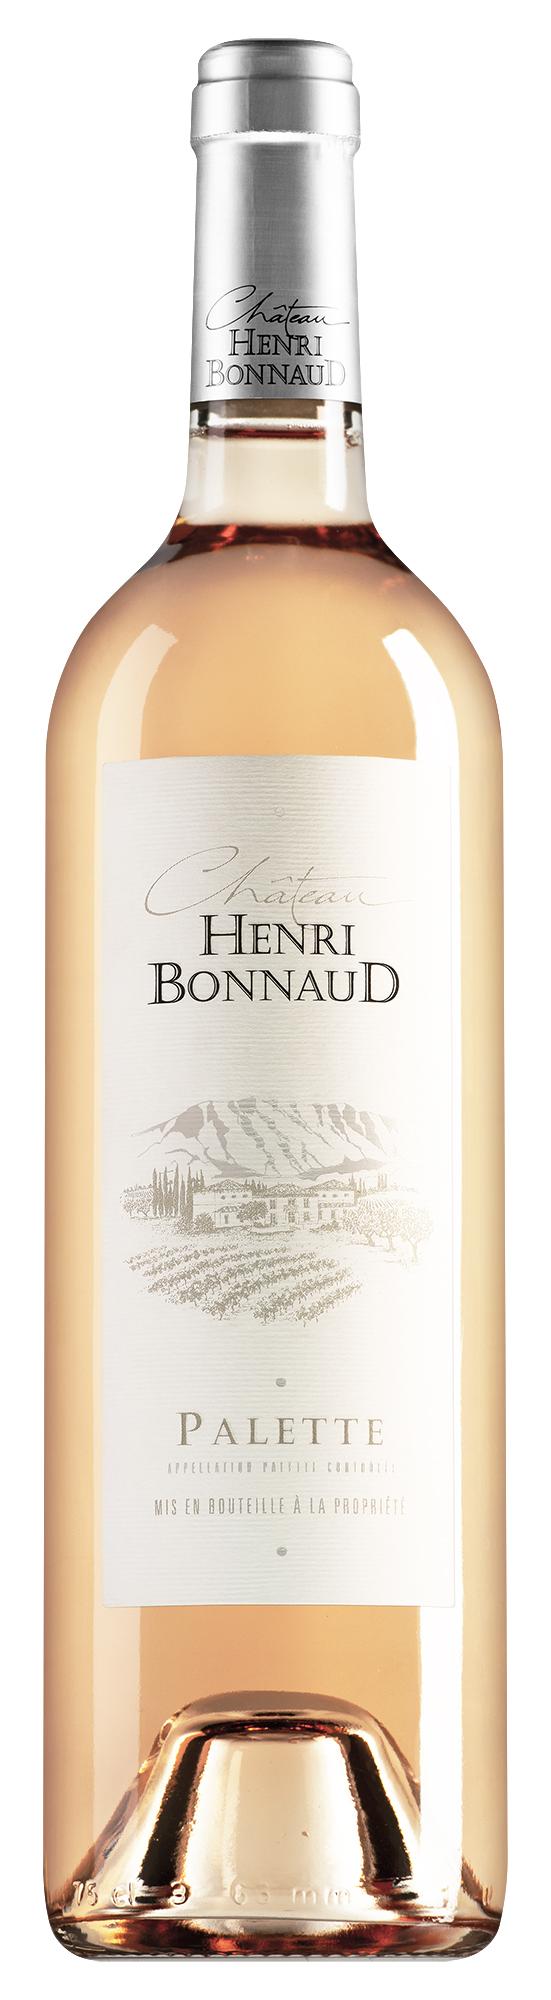 Château Henri Bonnaud Palette rosé